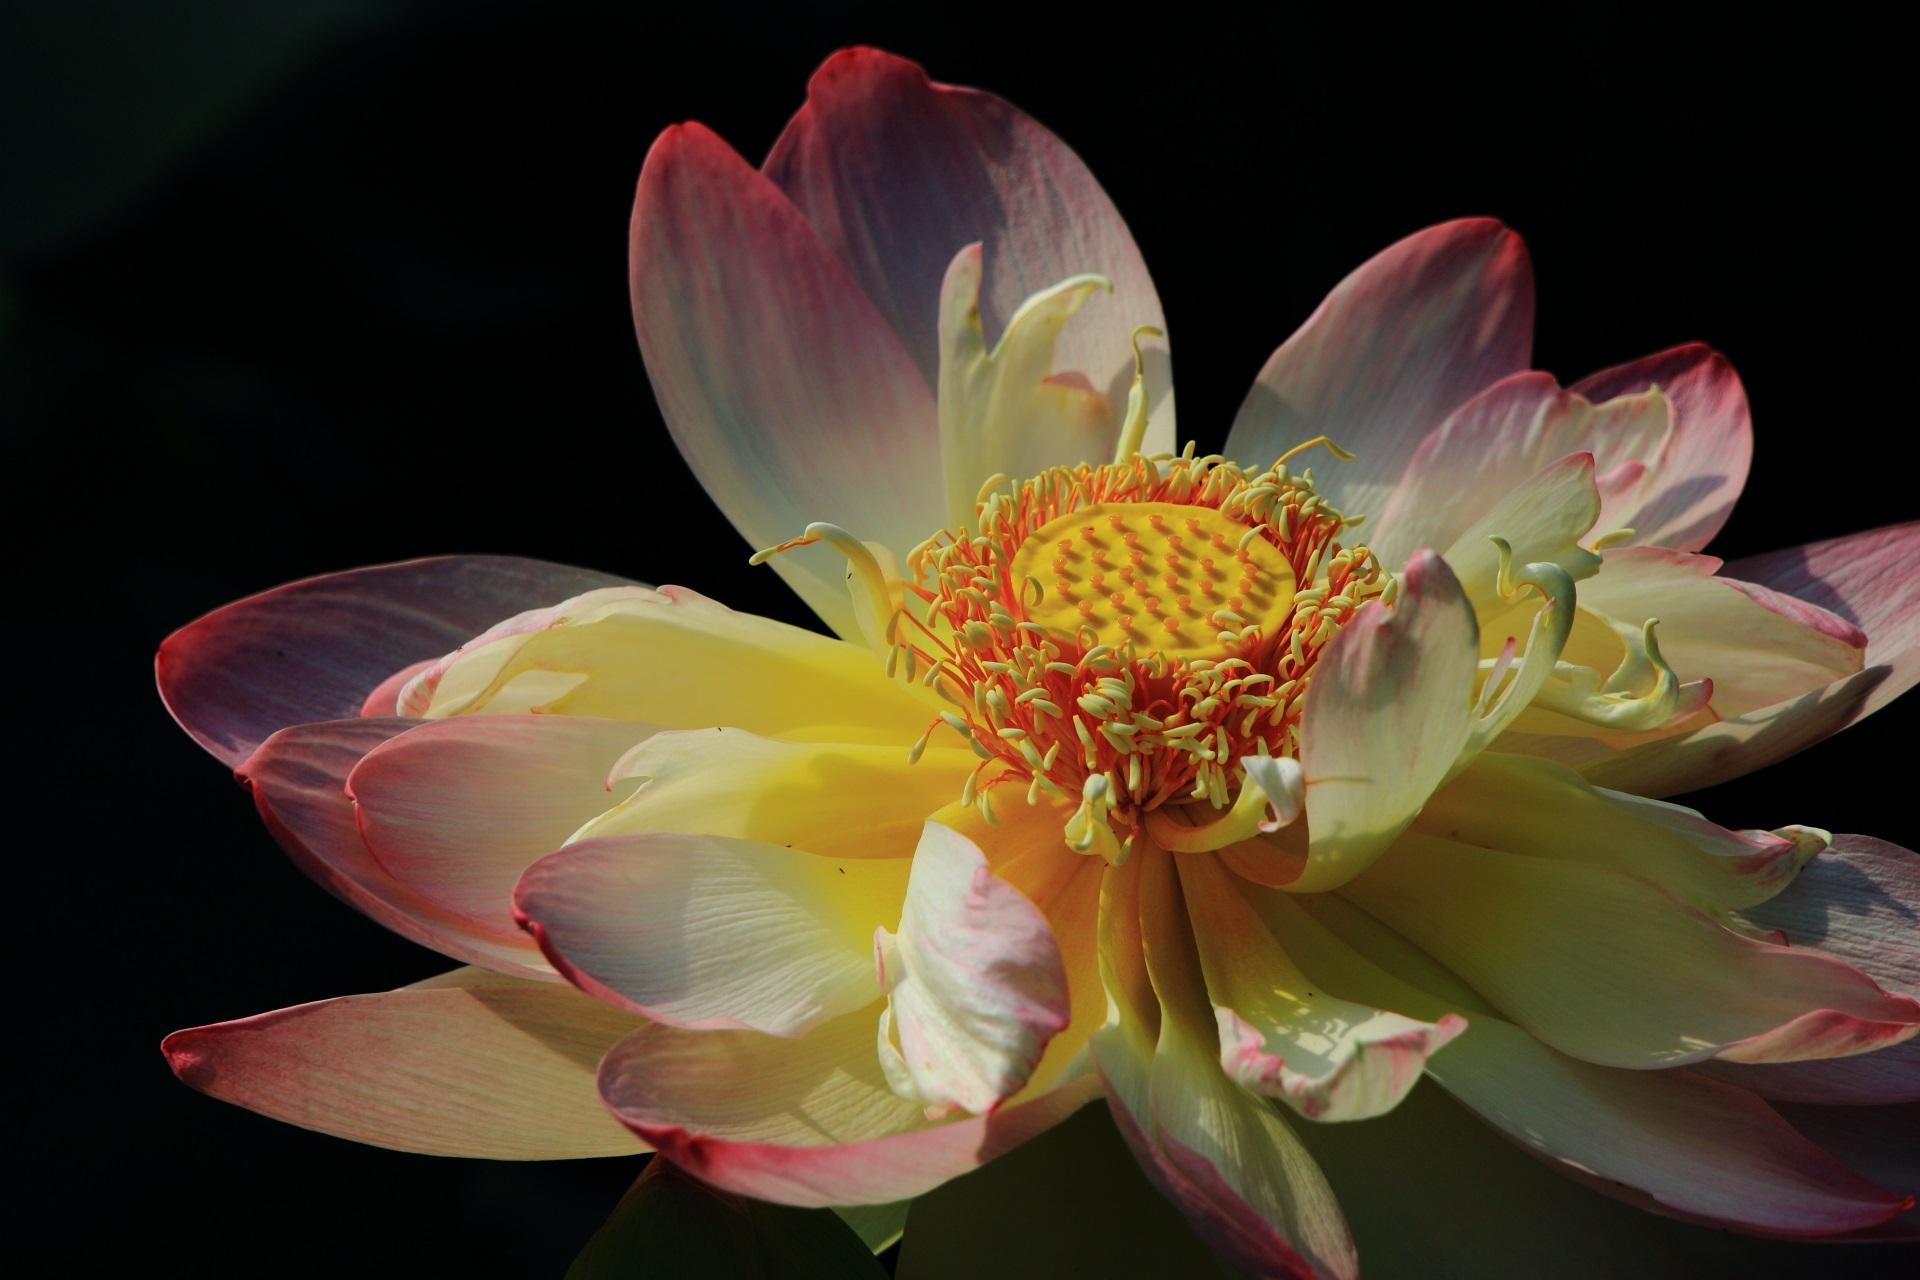 暗闇でくっきりと浮かび上がる蓮の花